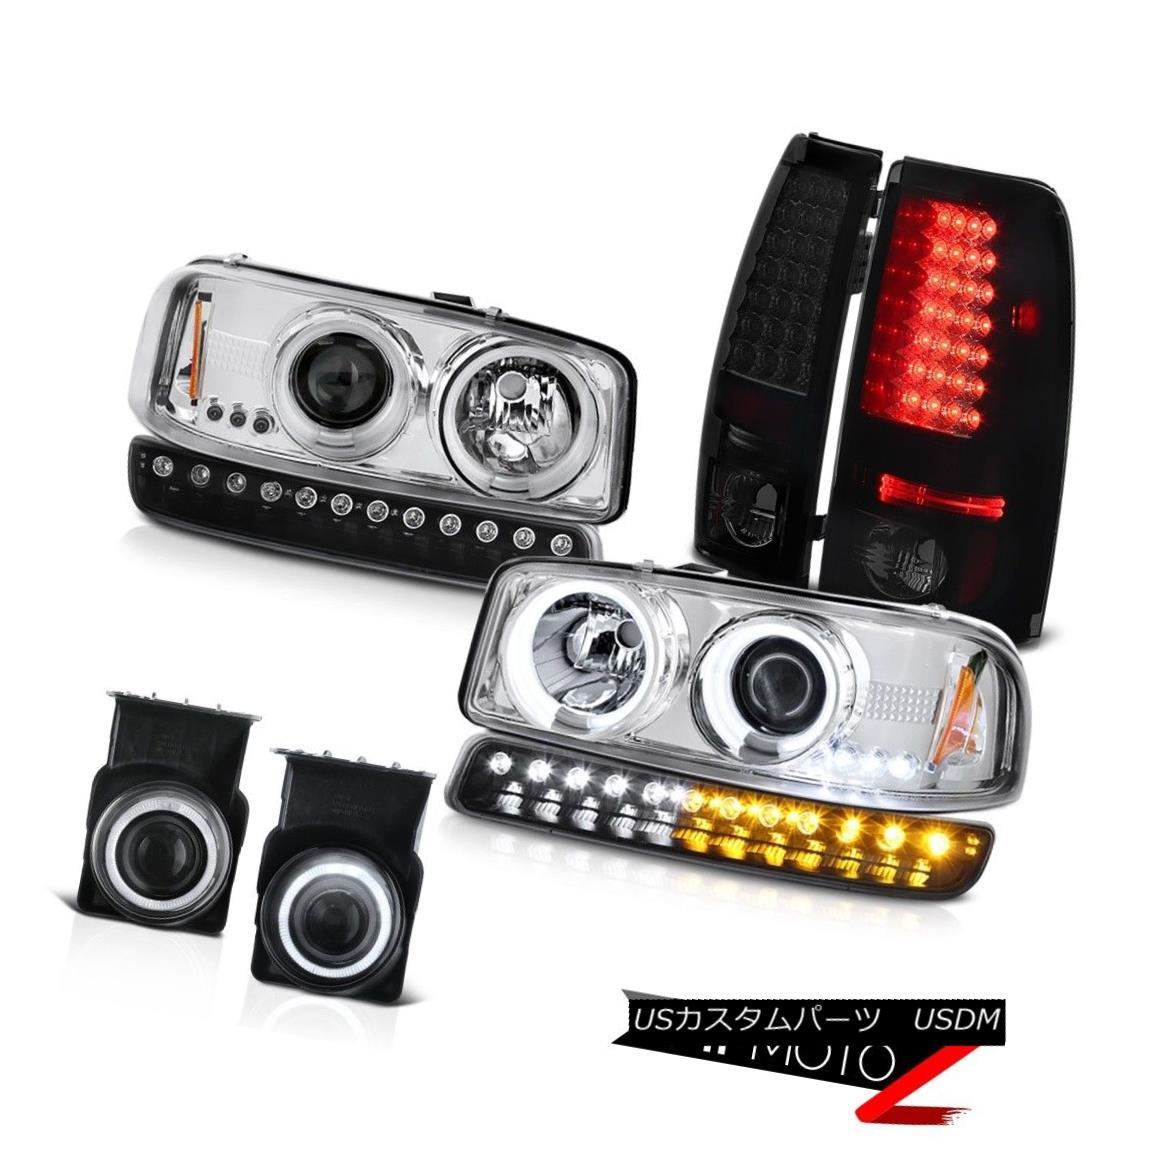 ヘッドライト 03-06 Sierra WT Fog lamps led tail brake parking light ccfl projector Headlamps 03-06シエラWTフォグランプはテールブレーキパーキングライトccflプロジェクターヘッドランプを導いた